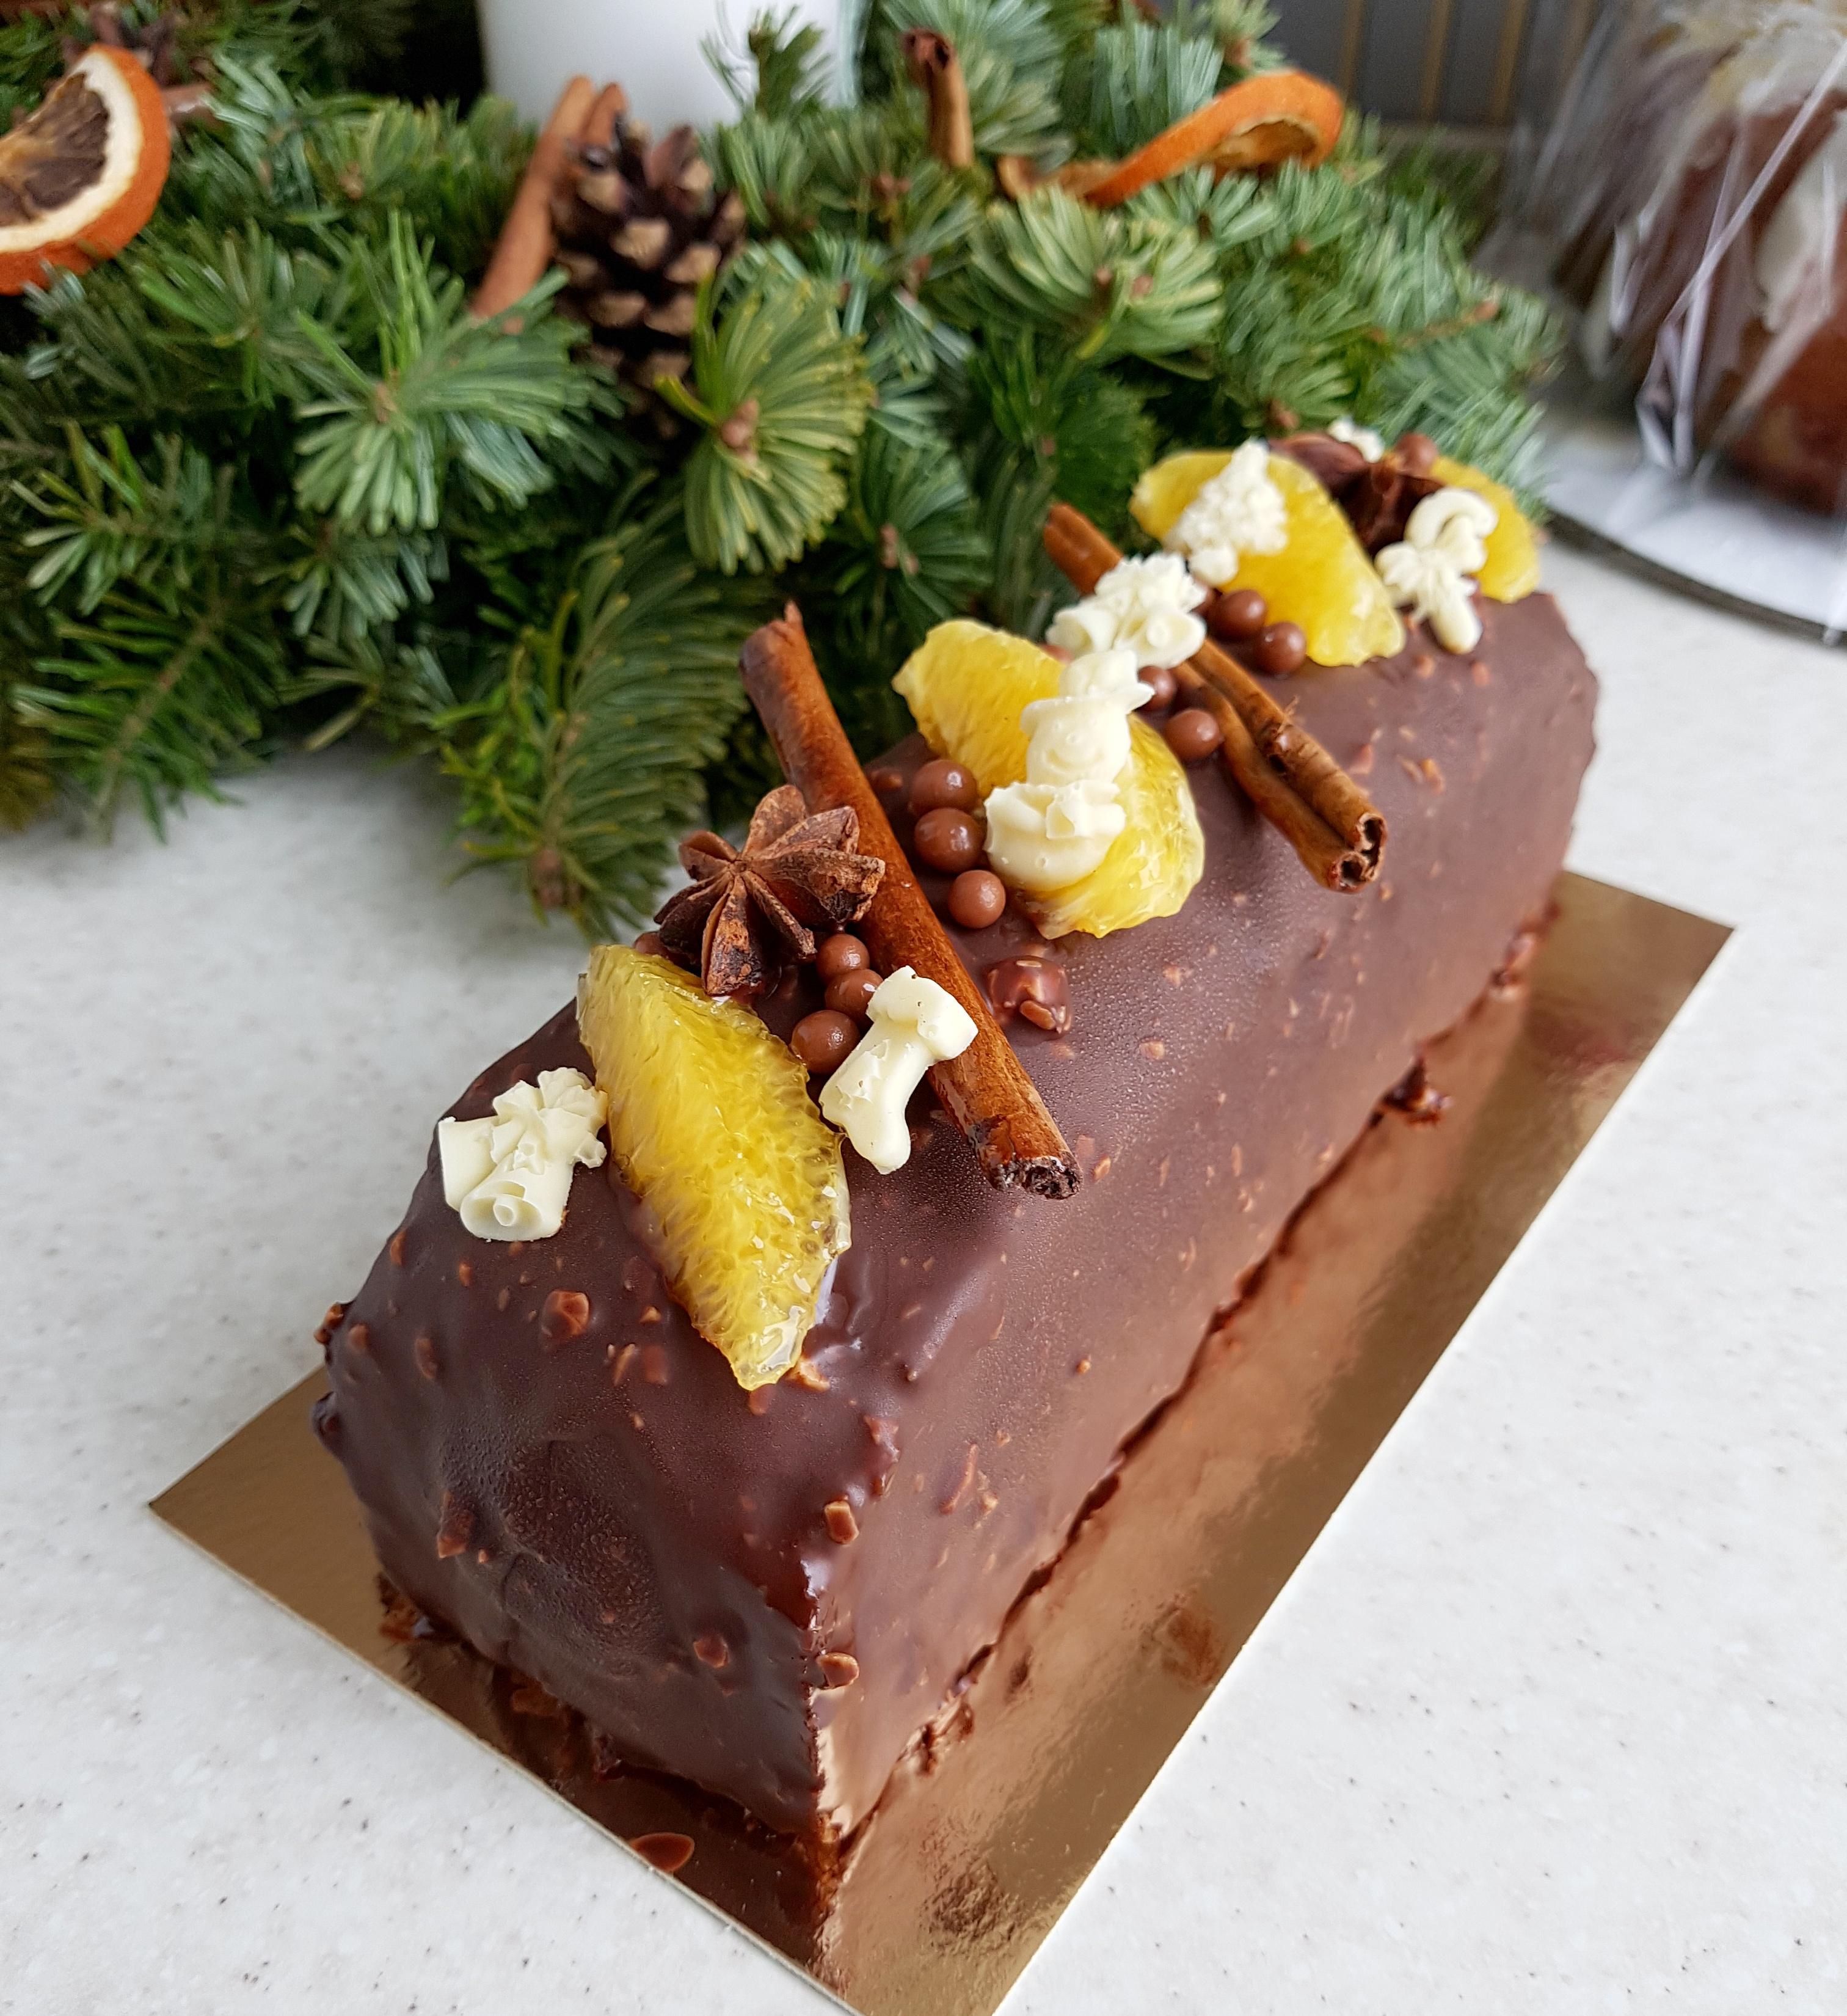 Рождественский кекс штоллен и другая выпечка к празднику на заказ